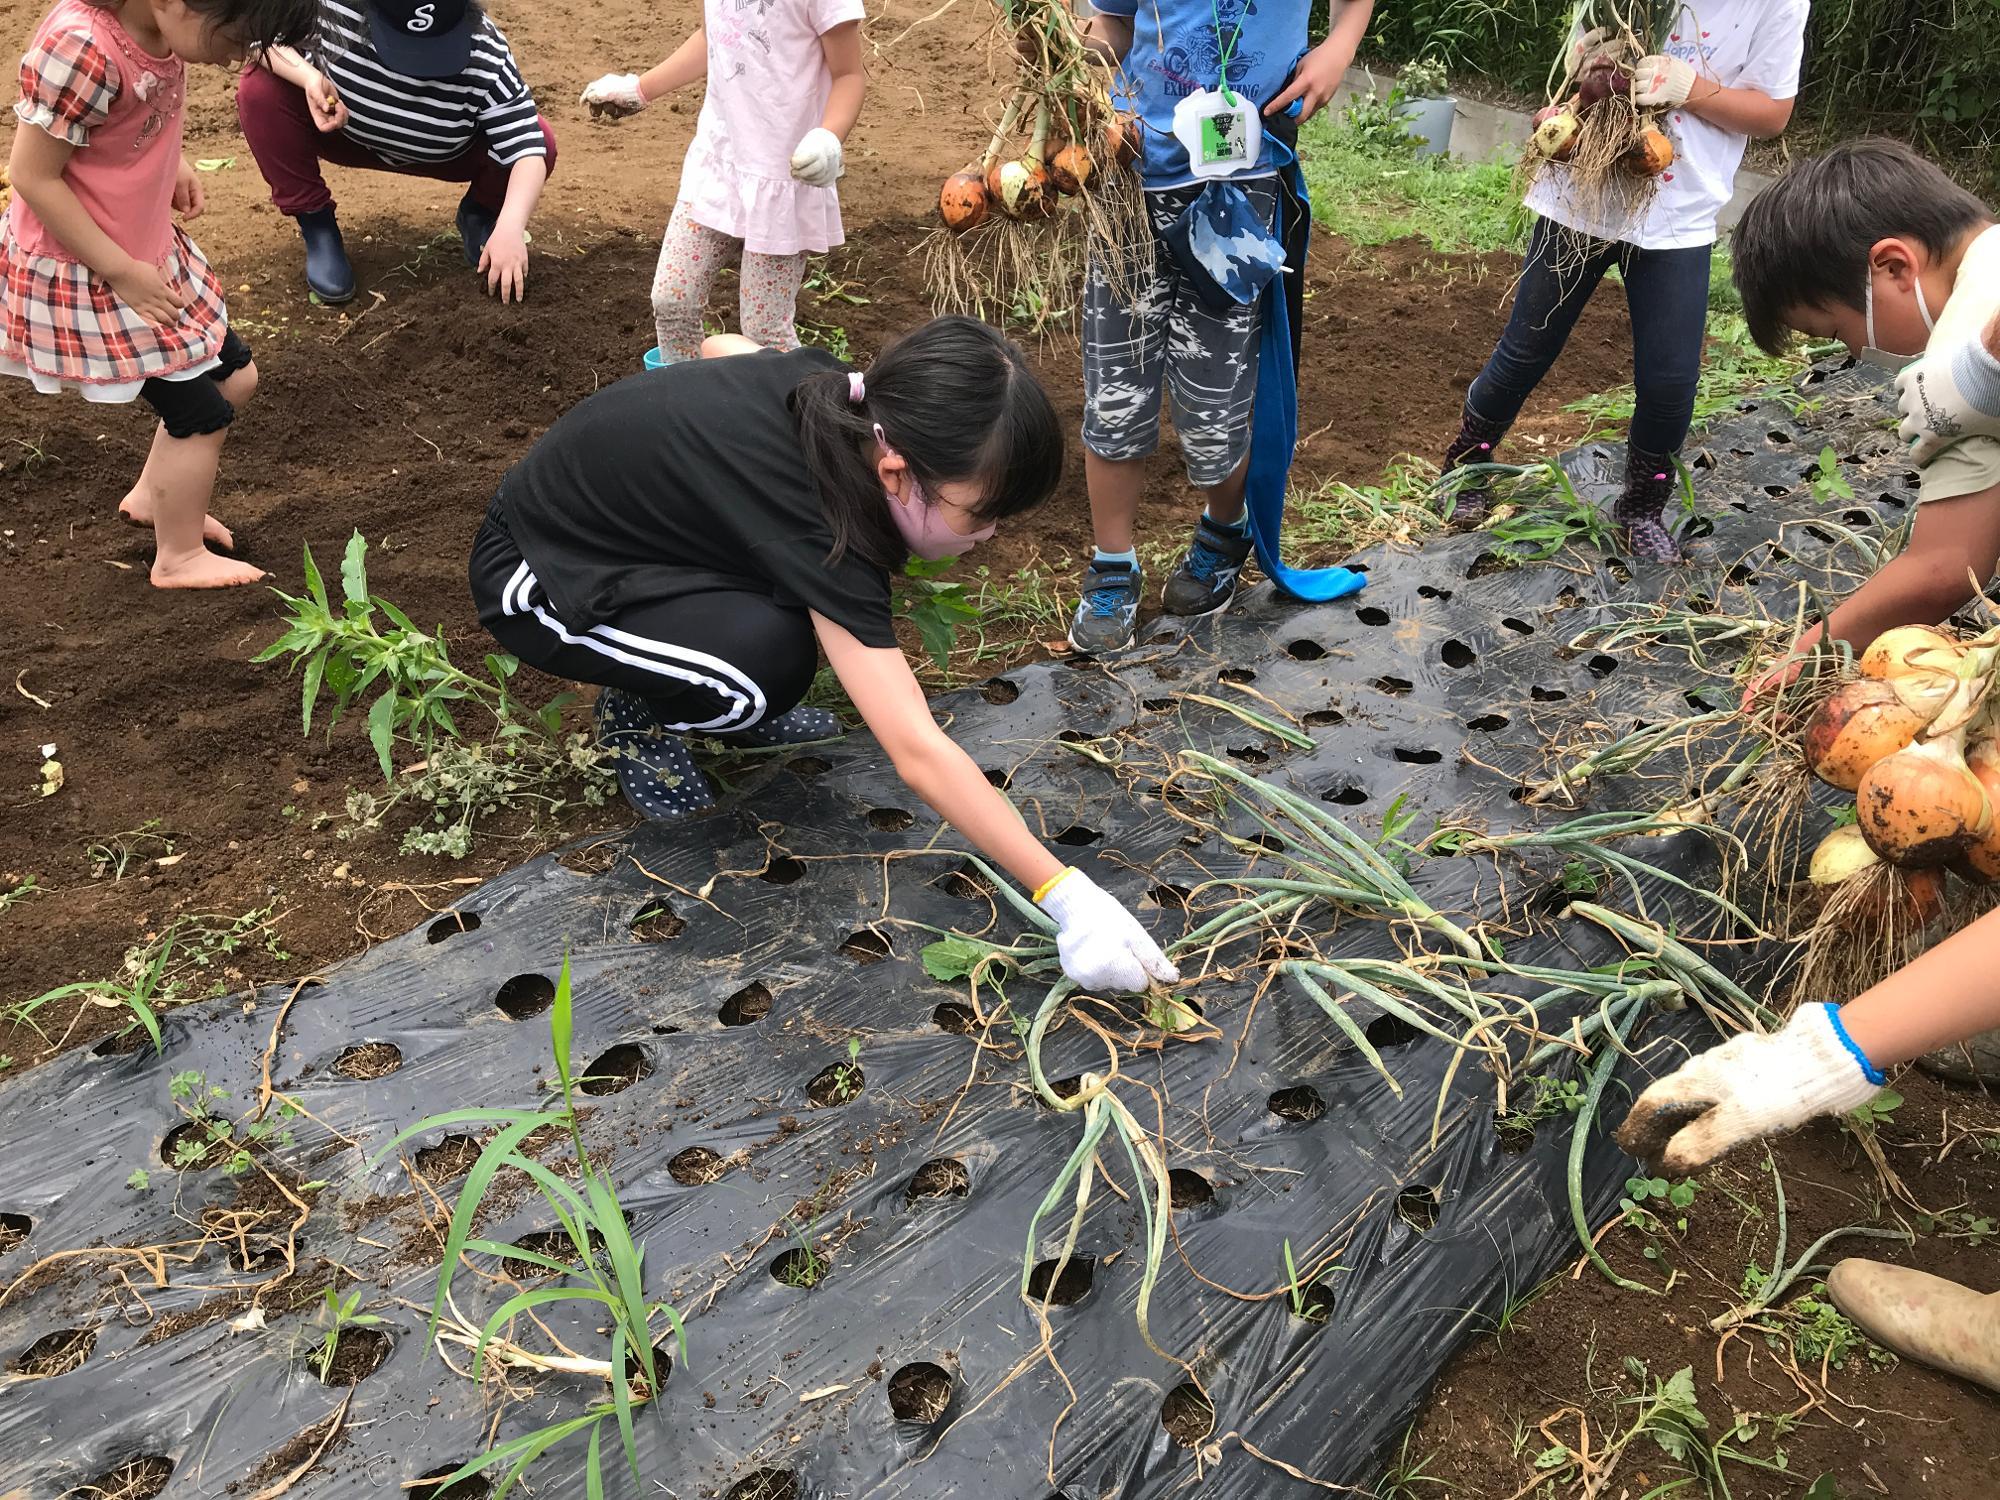 収穫後は玉ねぎの周りに張った「マルチ」という黒いビニールを取り除く作業もお手伝い。